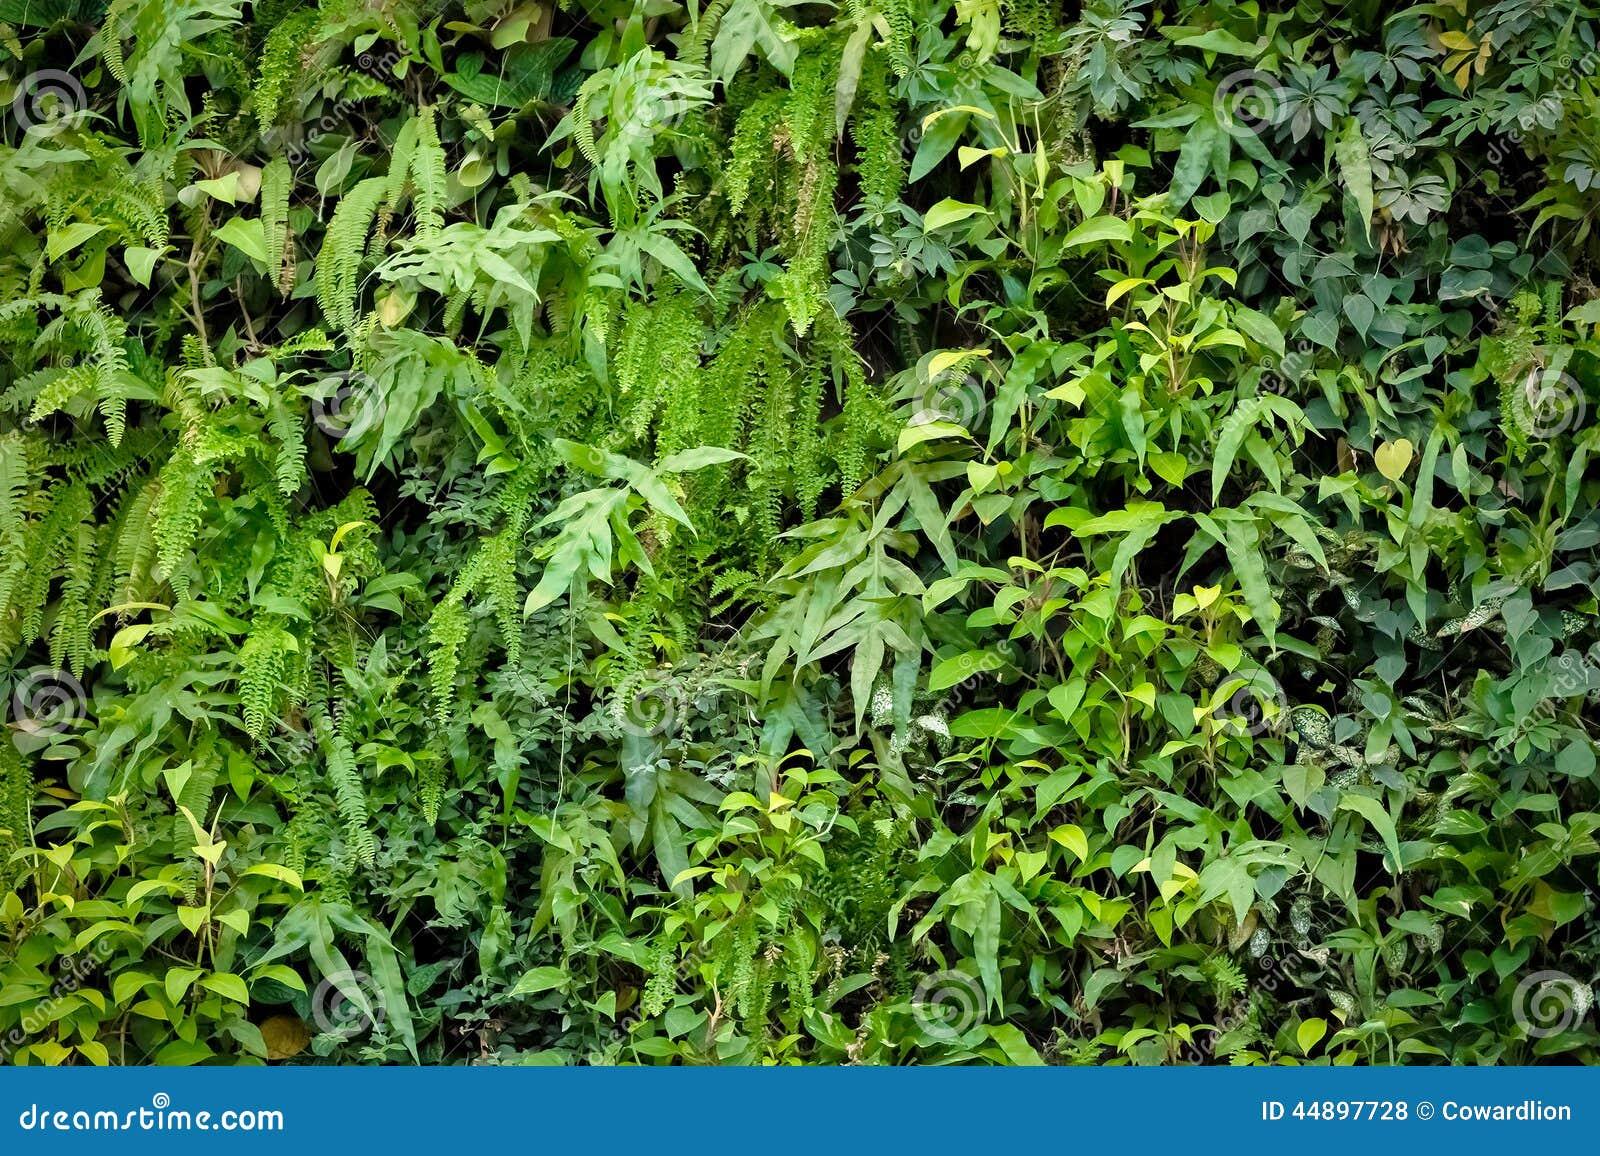 fotos jardim vertical : fotos jardim vertical:Vertical Garden